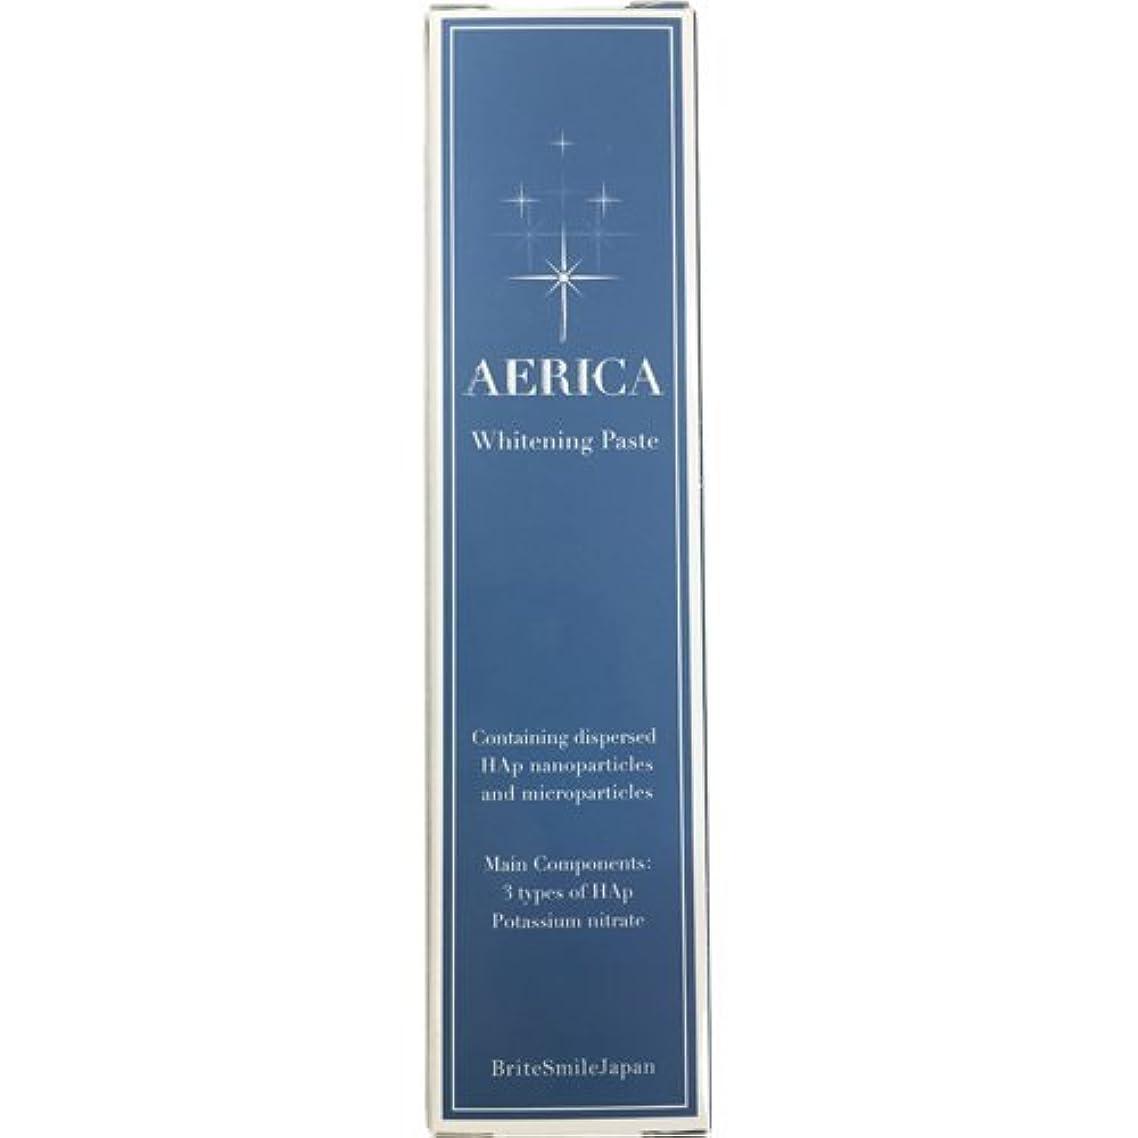 報復する装置縮約AERICA(エリカ) ホワイトニングペースト 30g